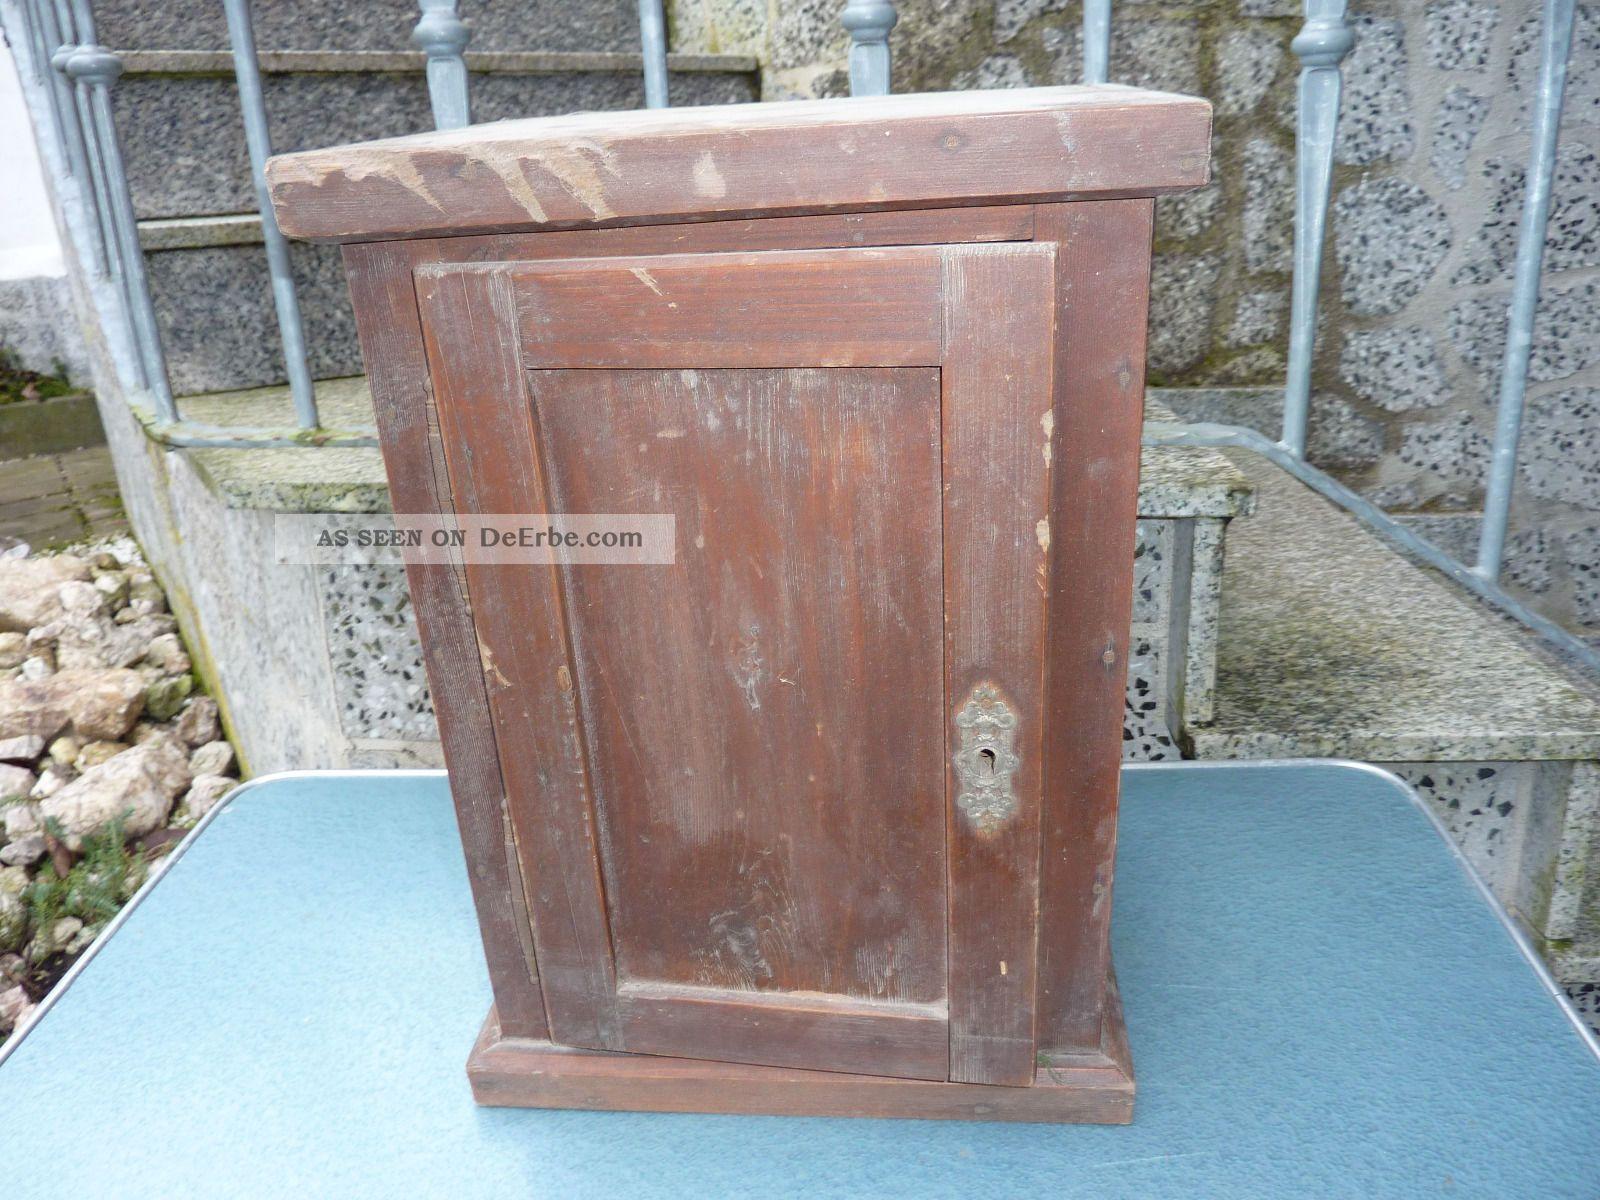 Alter Apothekerschrank Gebraucht Bemerkenswert Stuhl Rot Holz